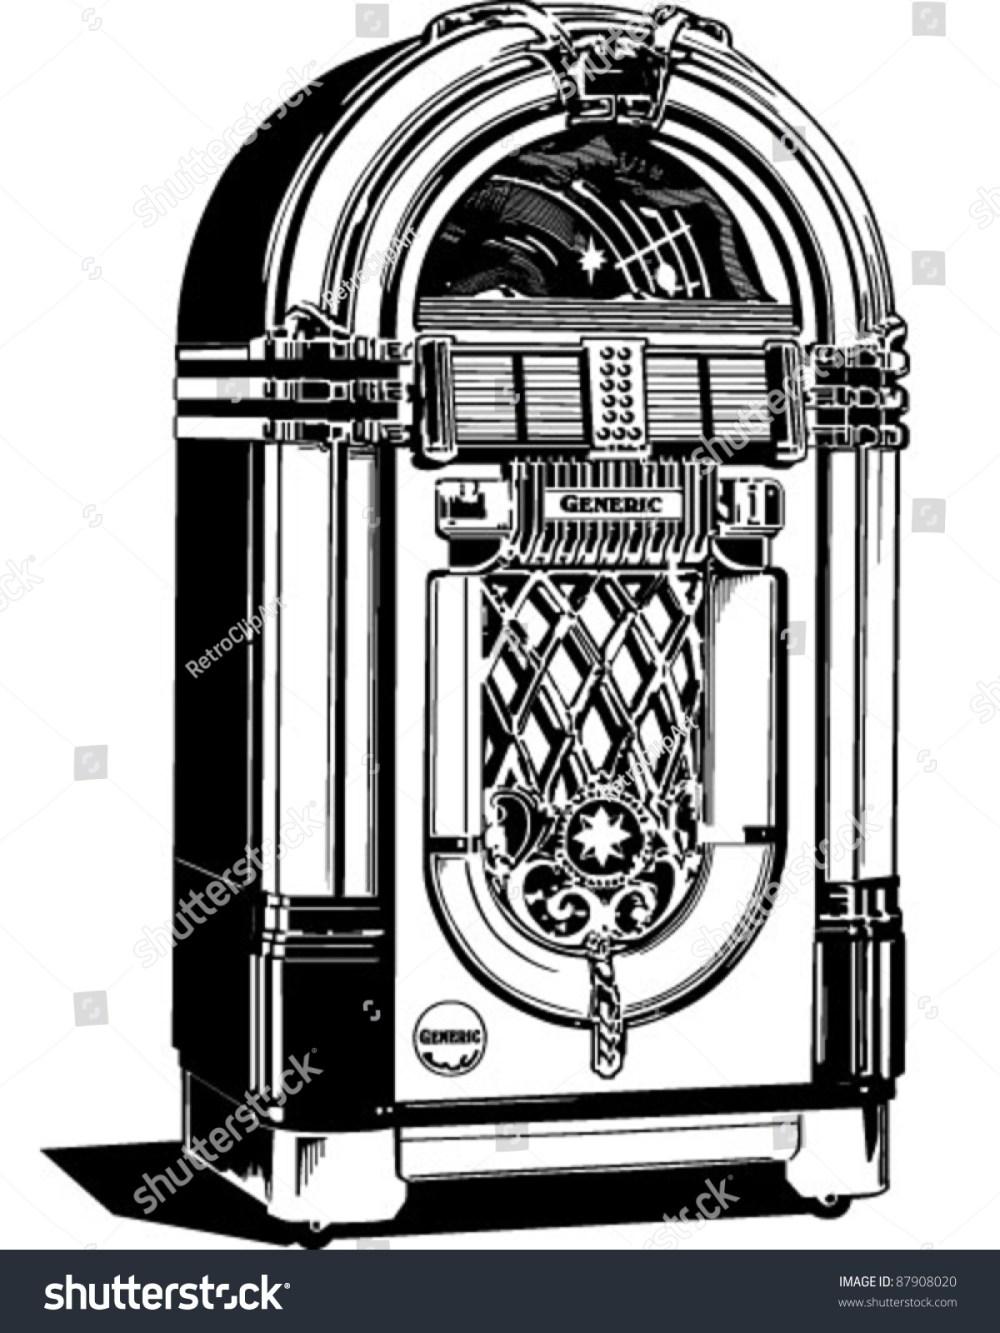 medium resolution of jukebox 1 retro clipart illustration